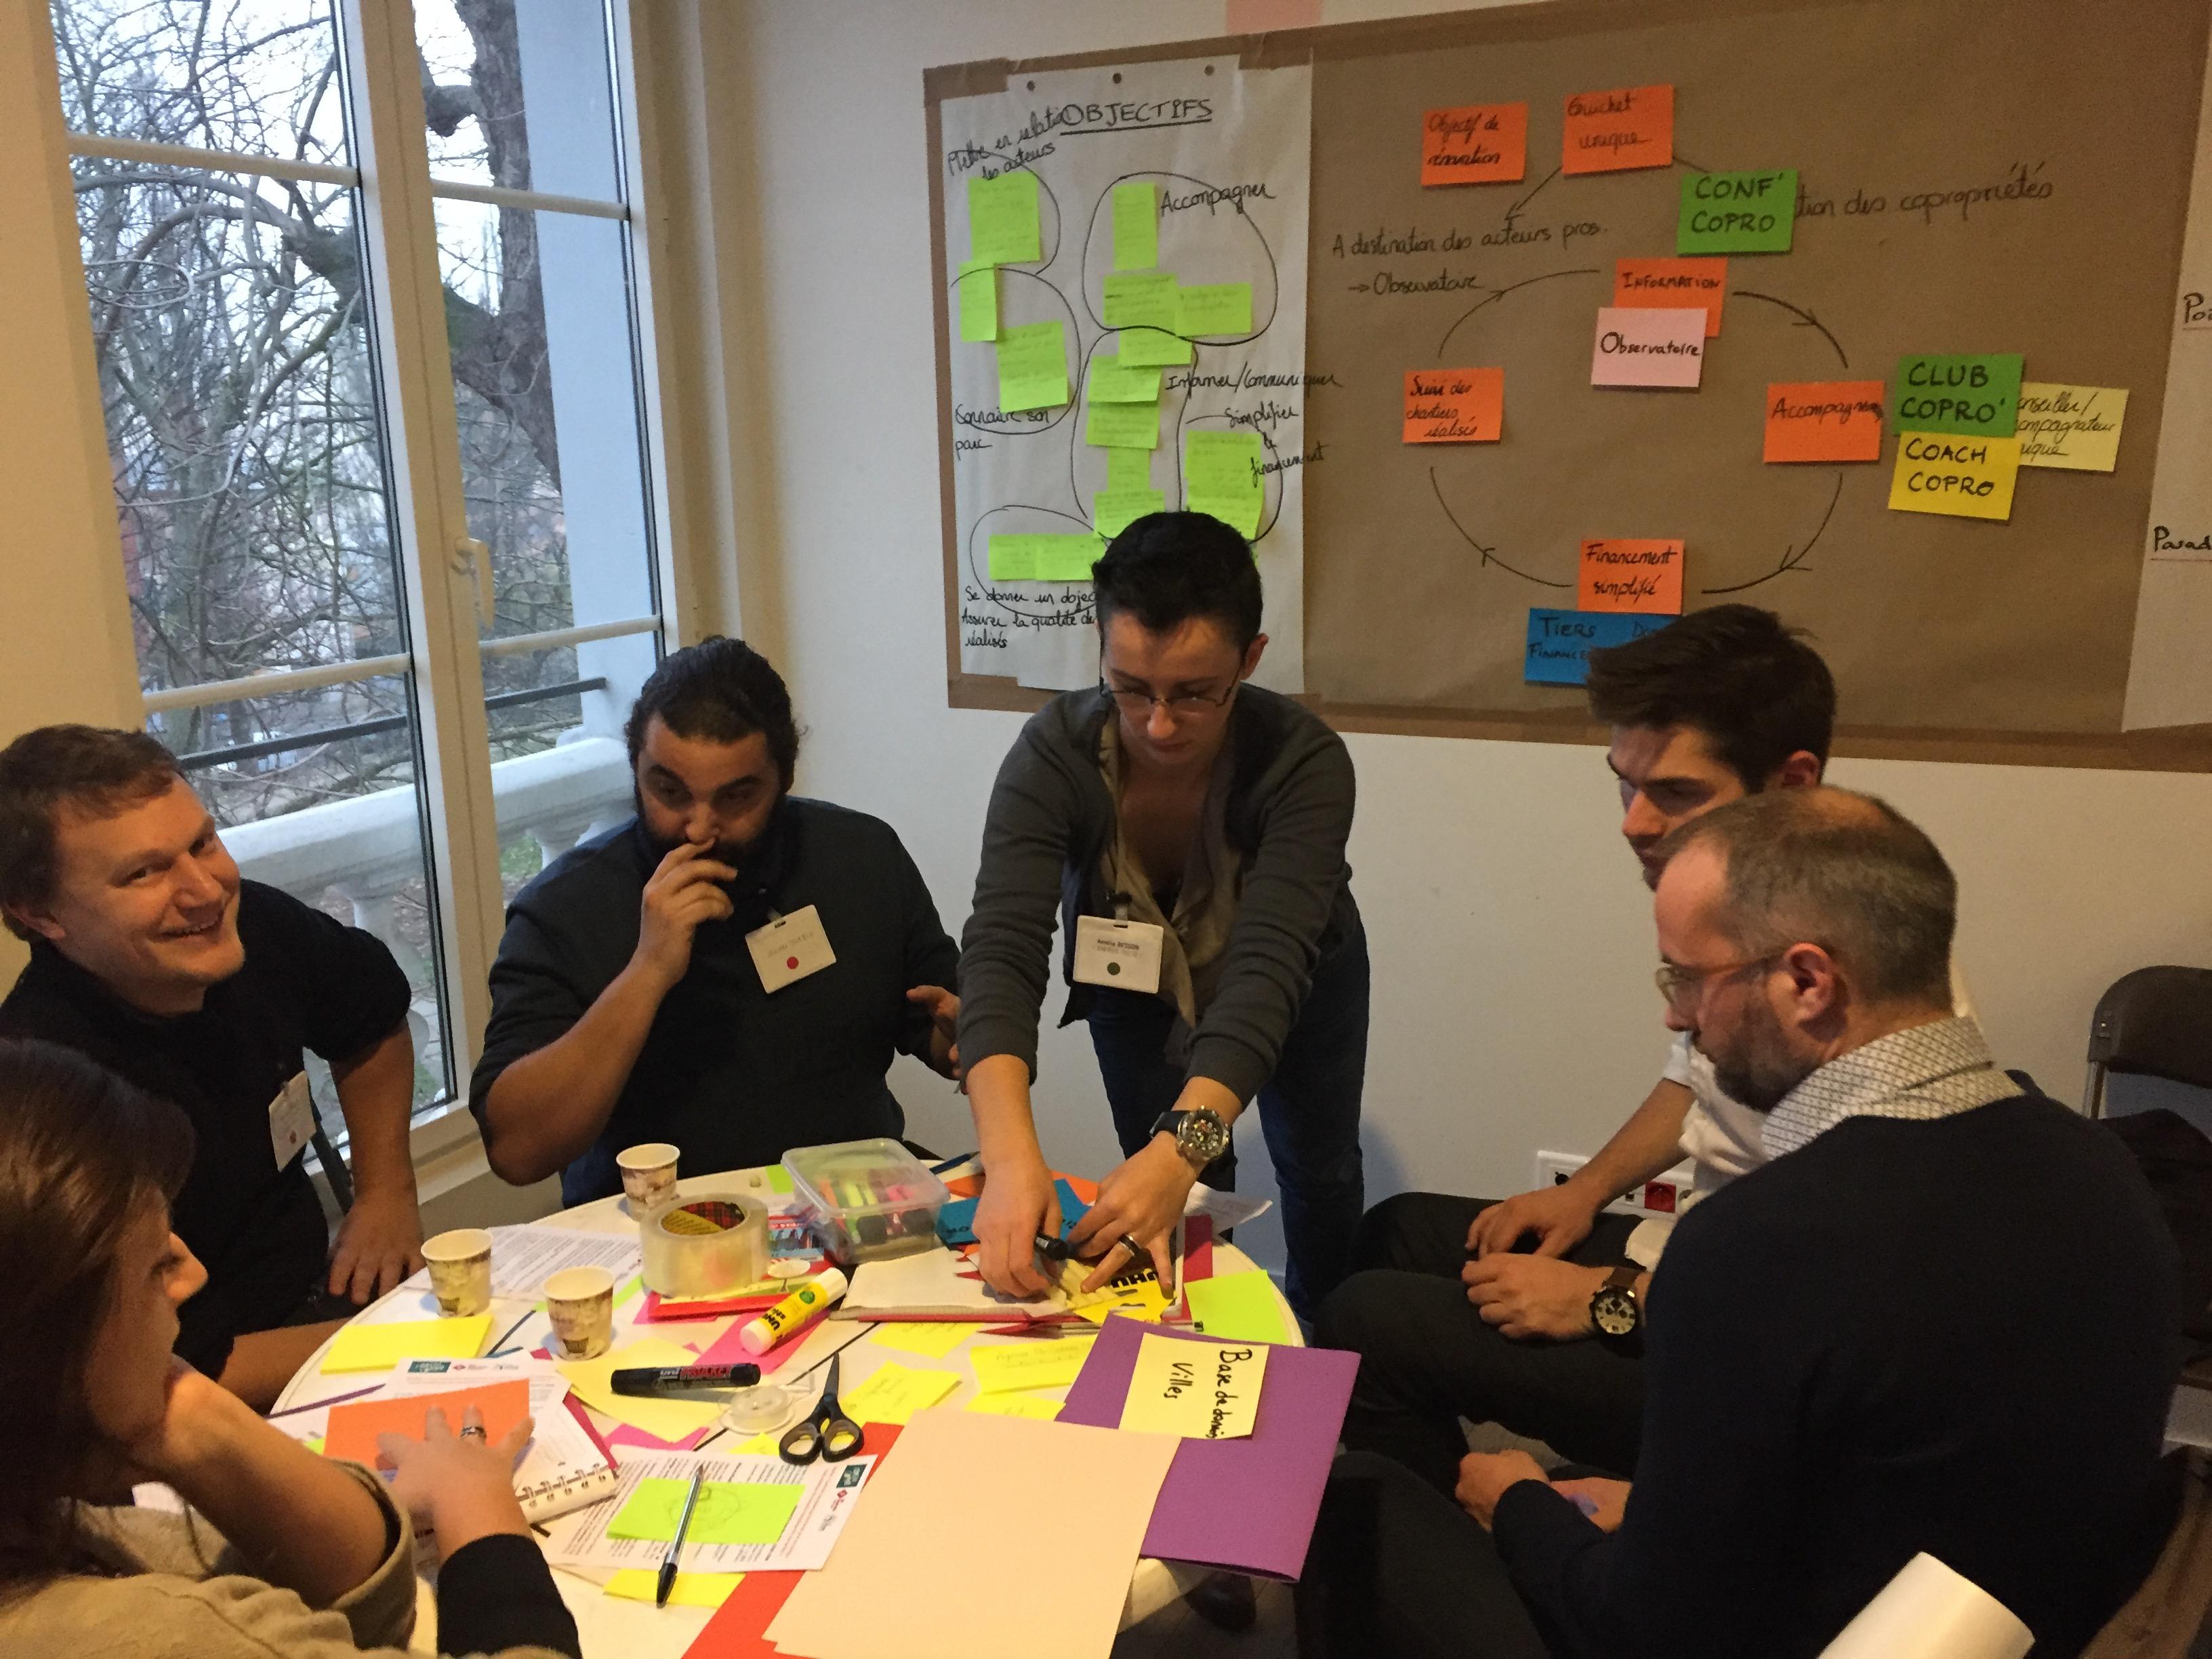 Des participants enthousiastes à l'idée de mieux se coordonner, de simplifier l'accès aux dispositifs